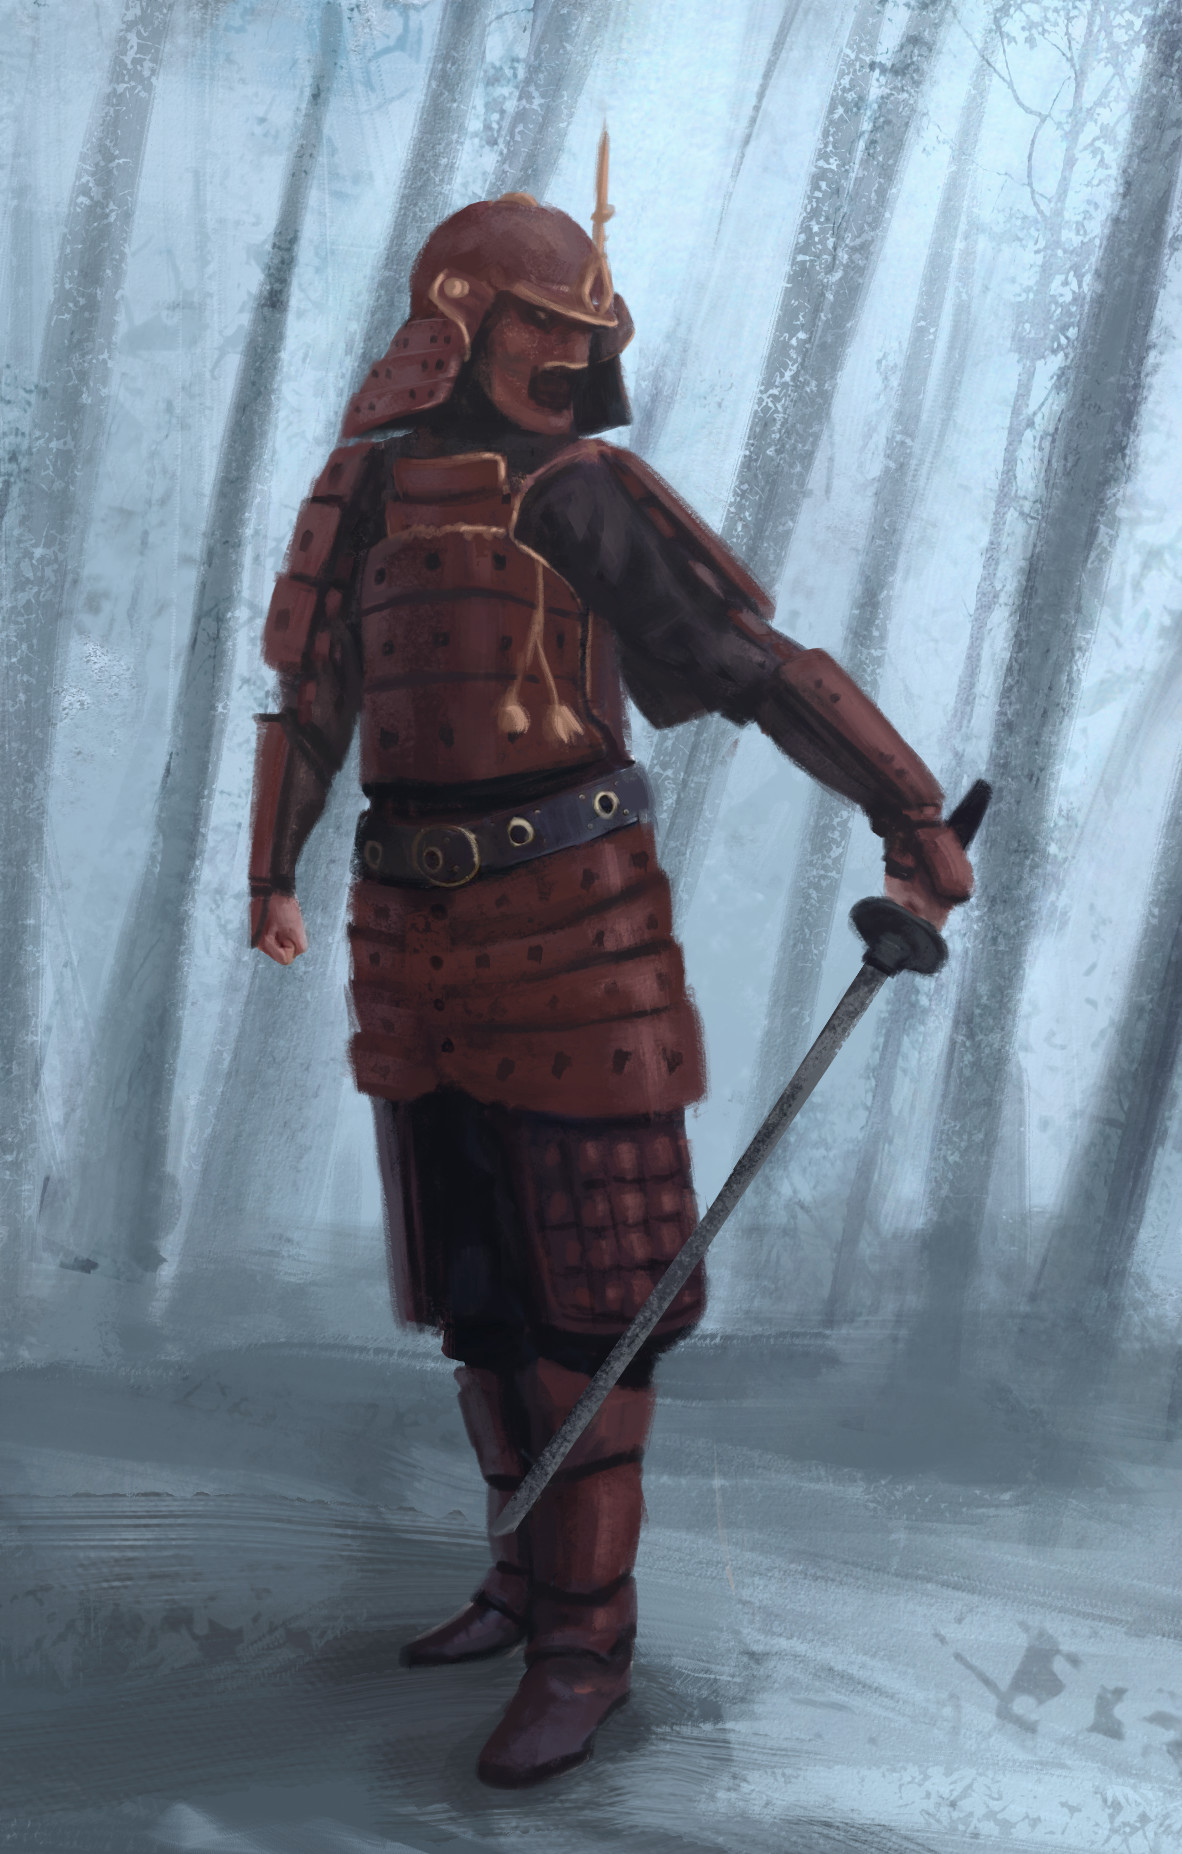 Manuel robles samurai2